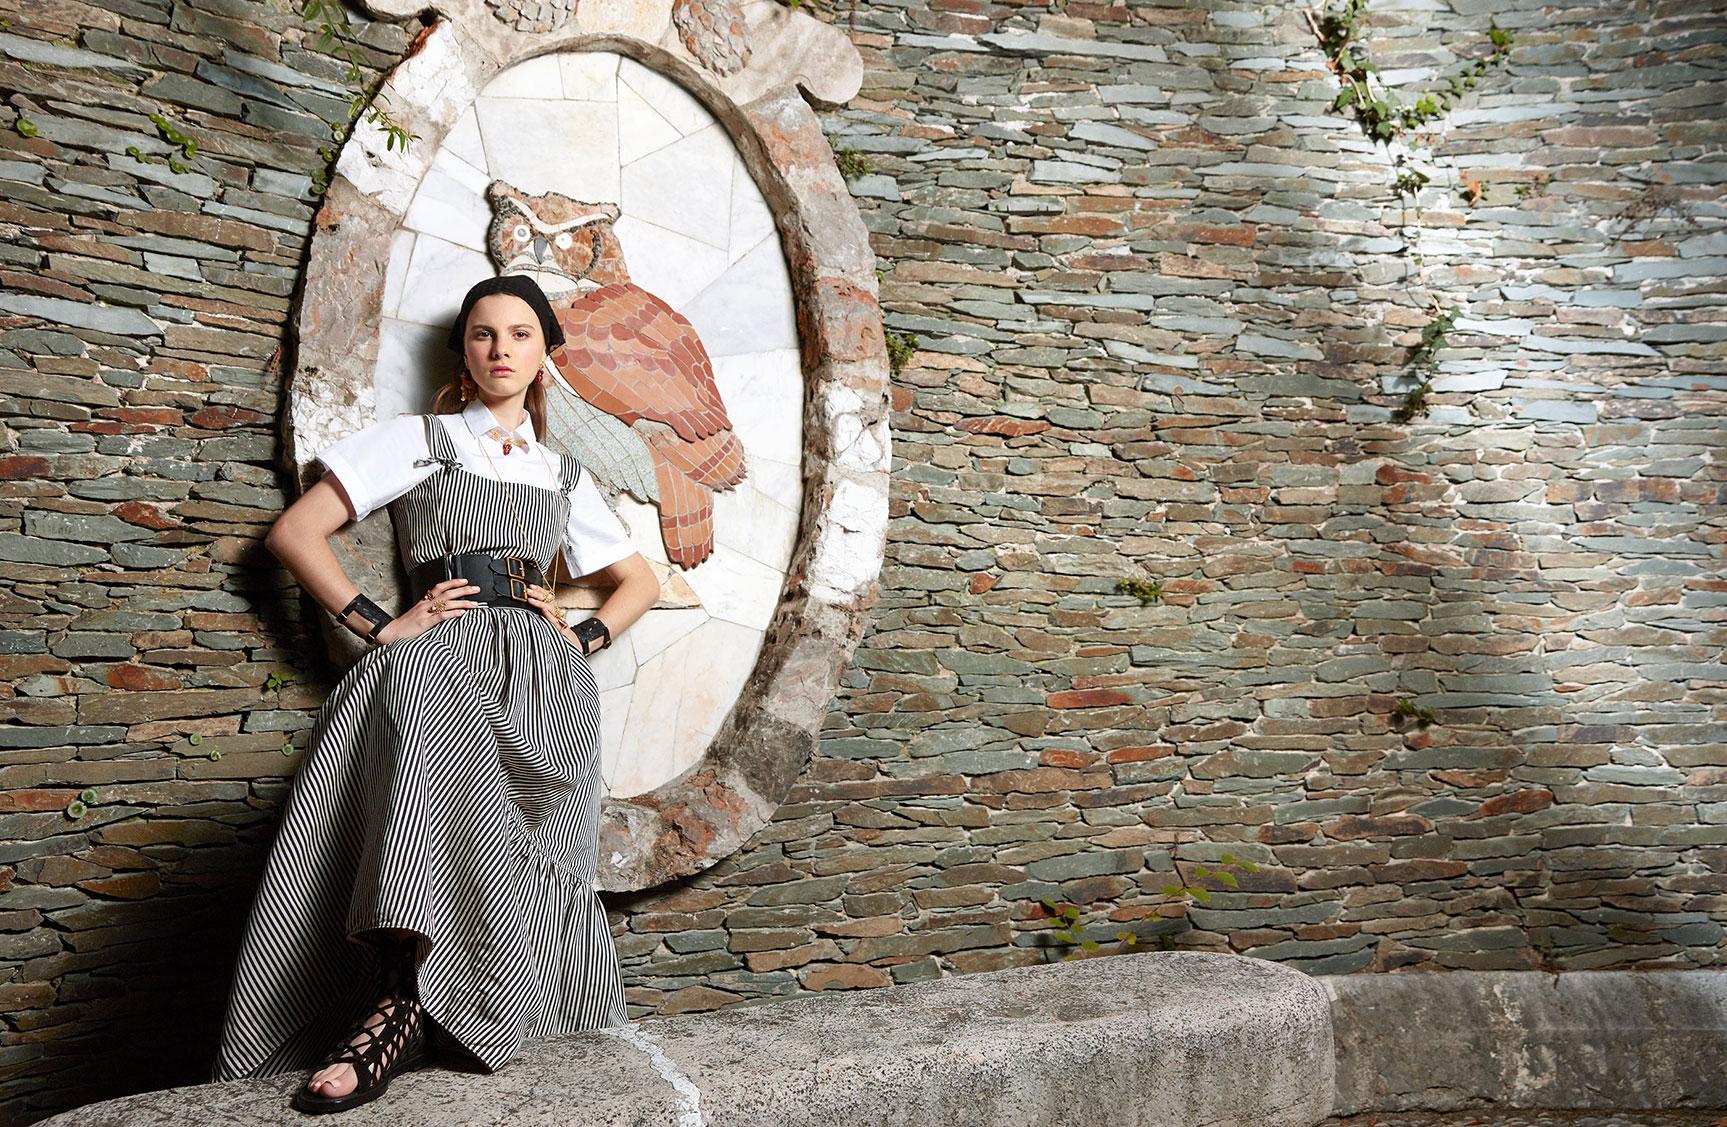 Джульетта Дюфур демонстрирует модные новинки в Chateau De Nice / фото 01